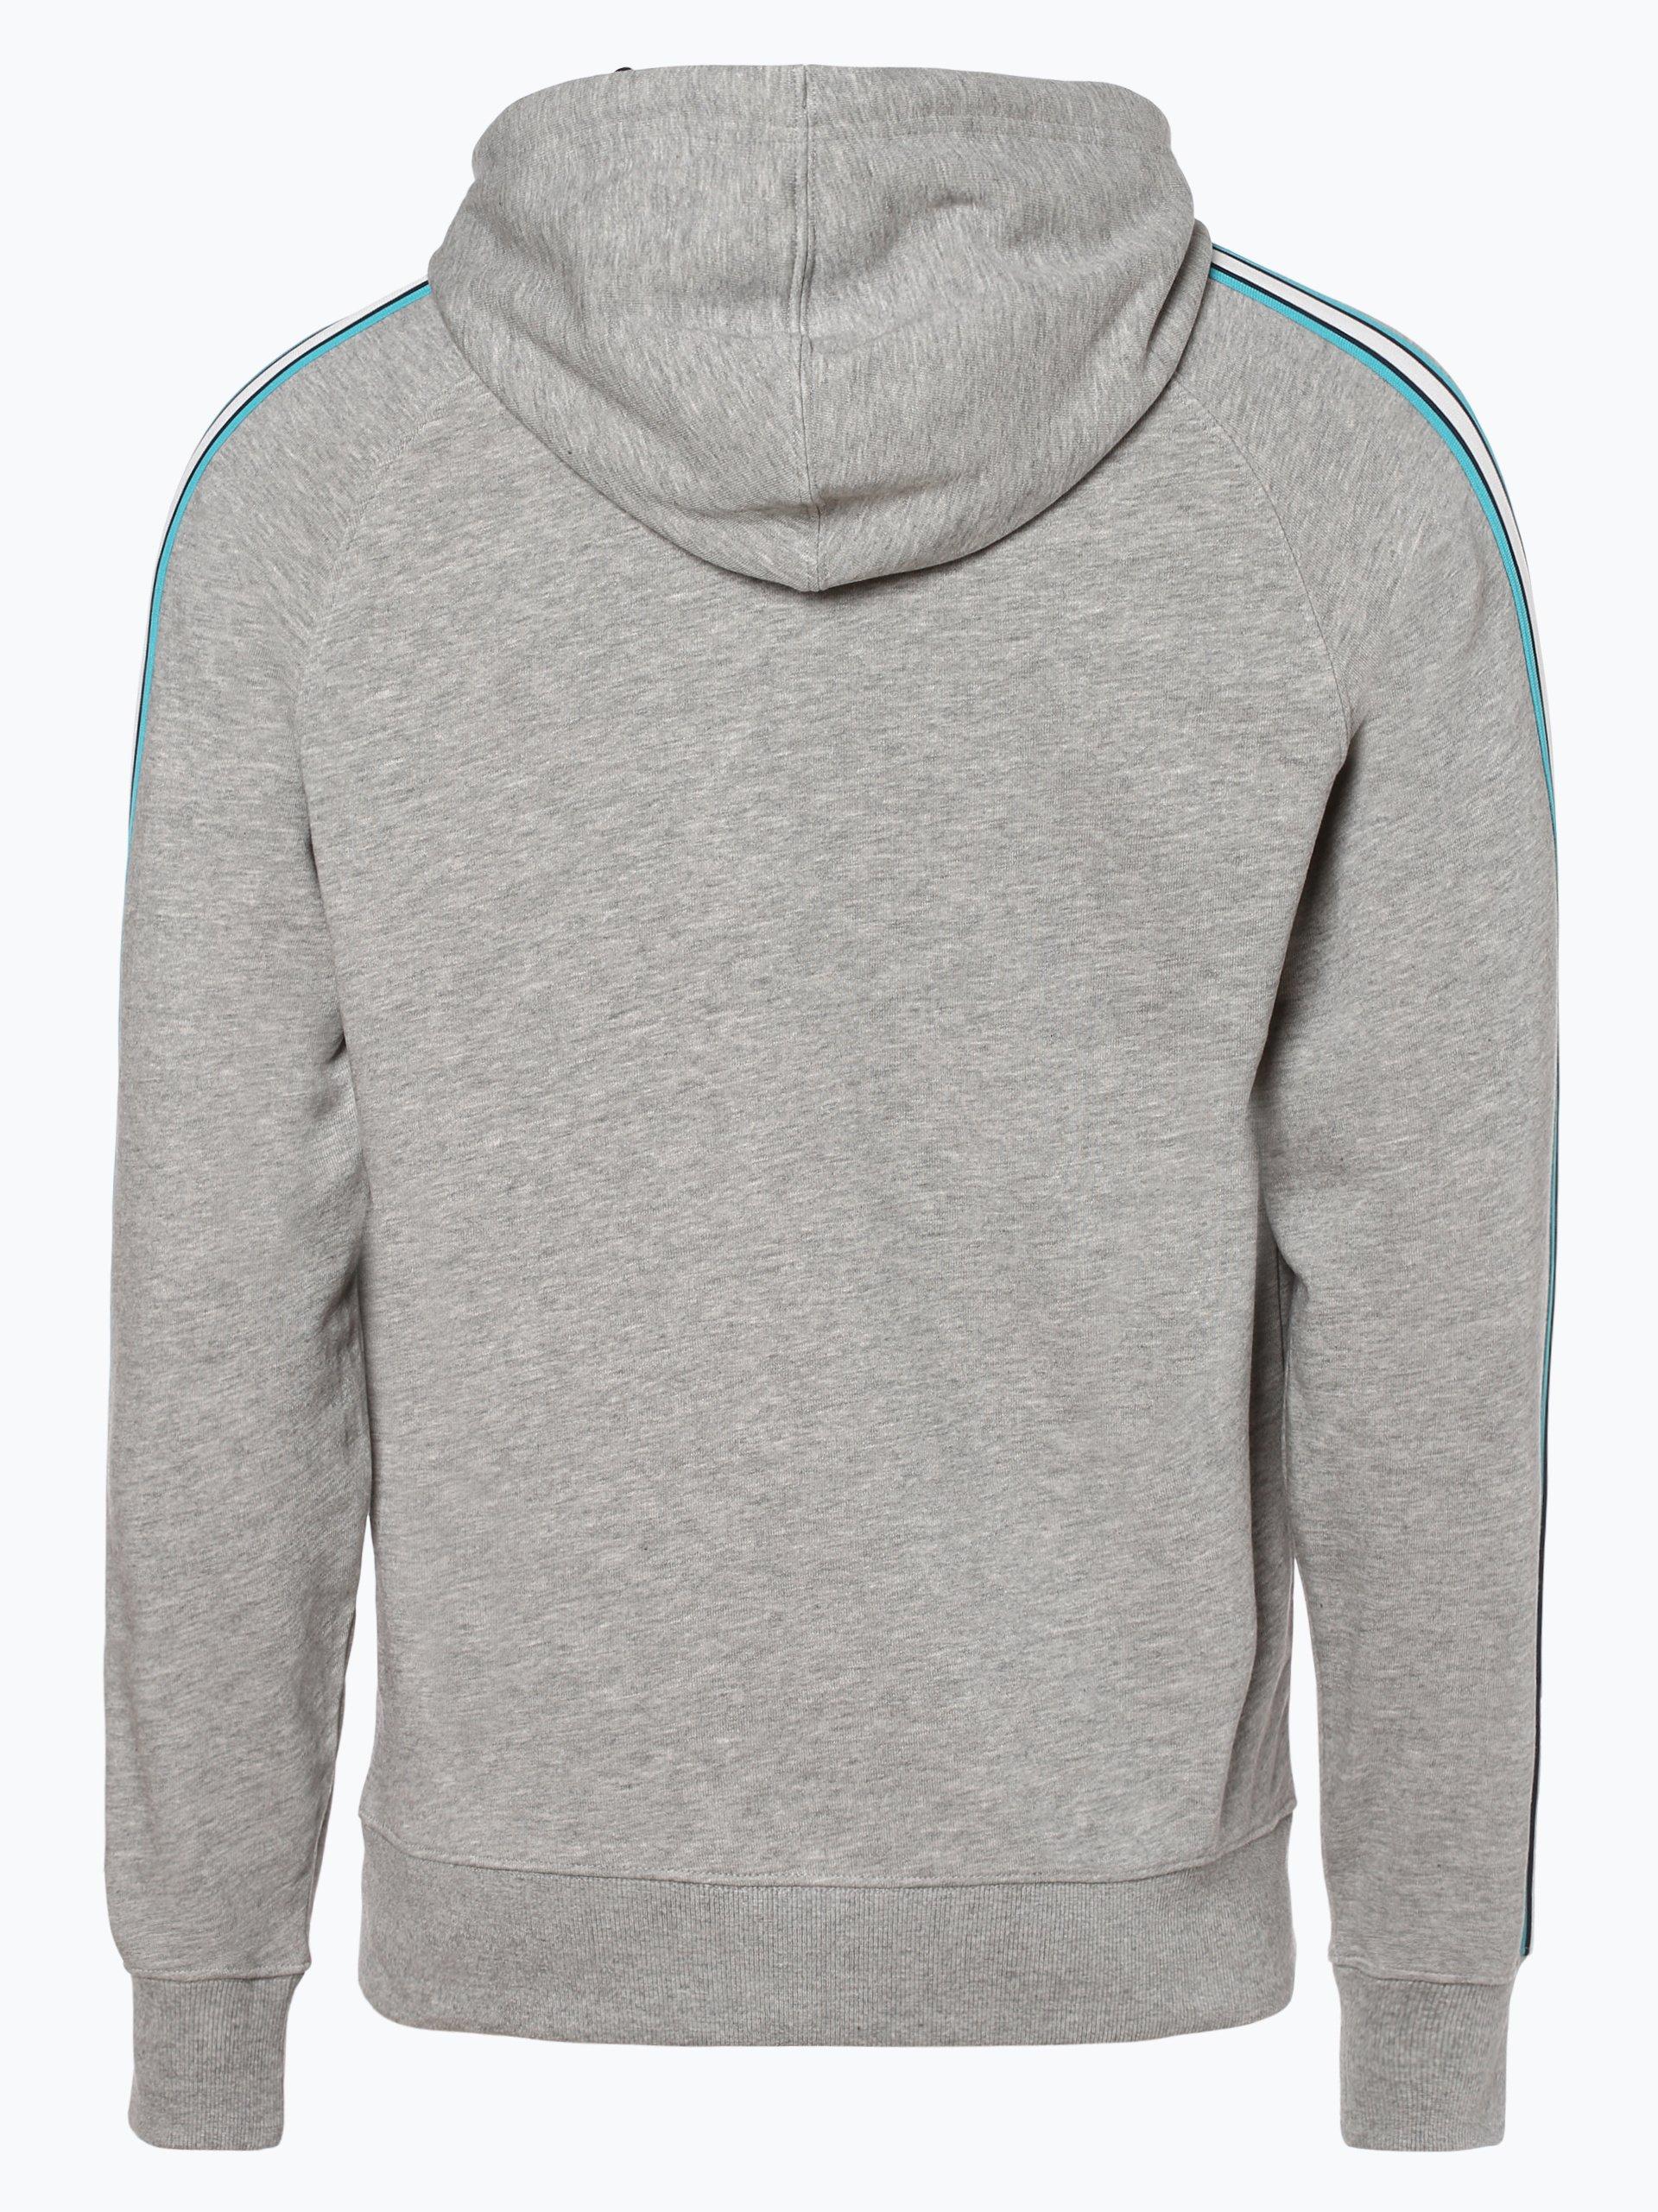 Ocean Cup Herren Sweatshirt